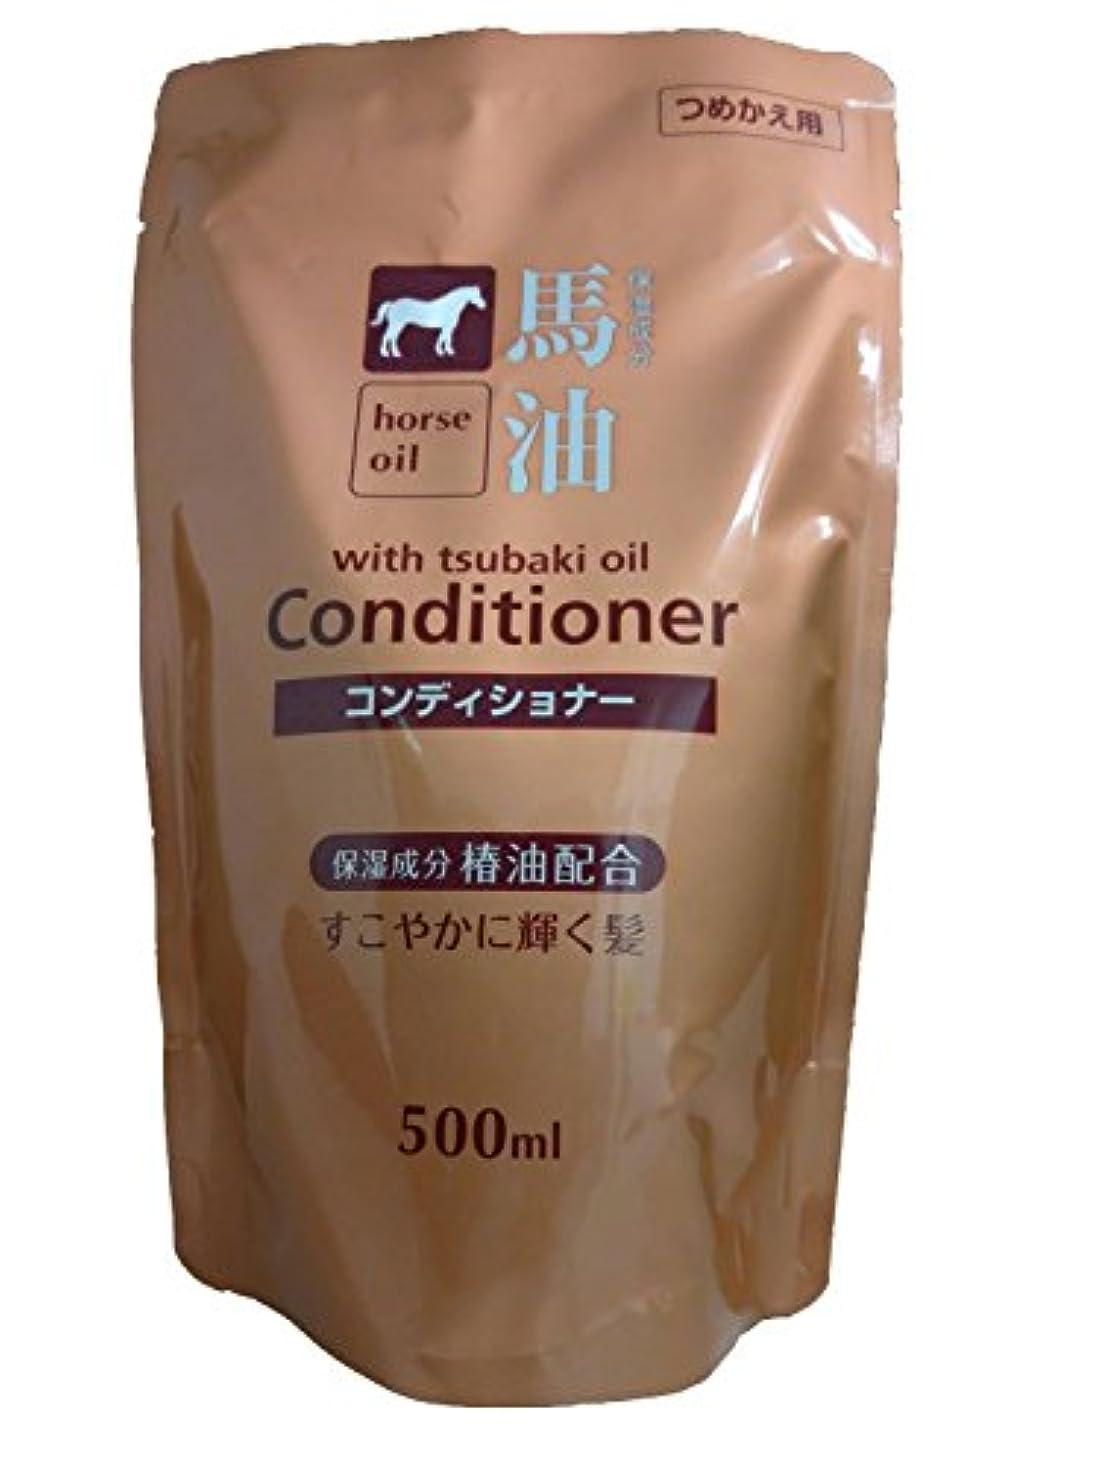 ビジネス騒理容室熊野油脂 馬油コンディショナー 詰め替え用 500ml